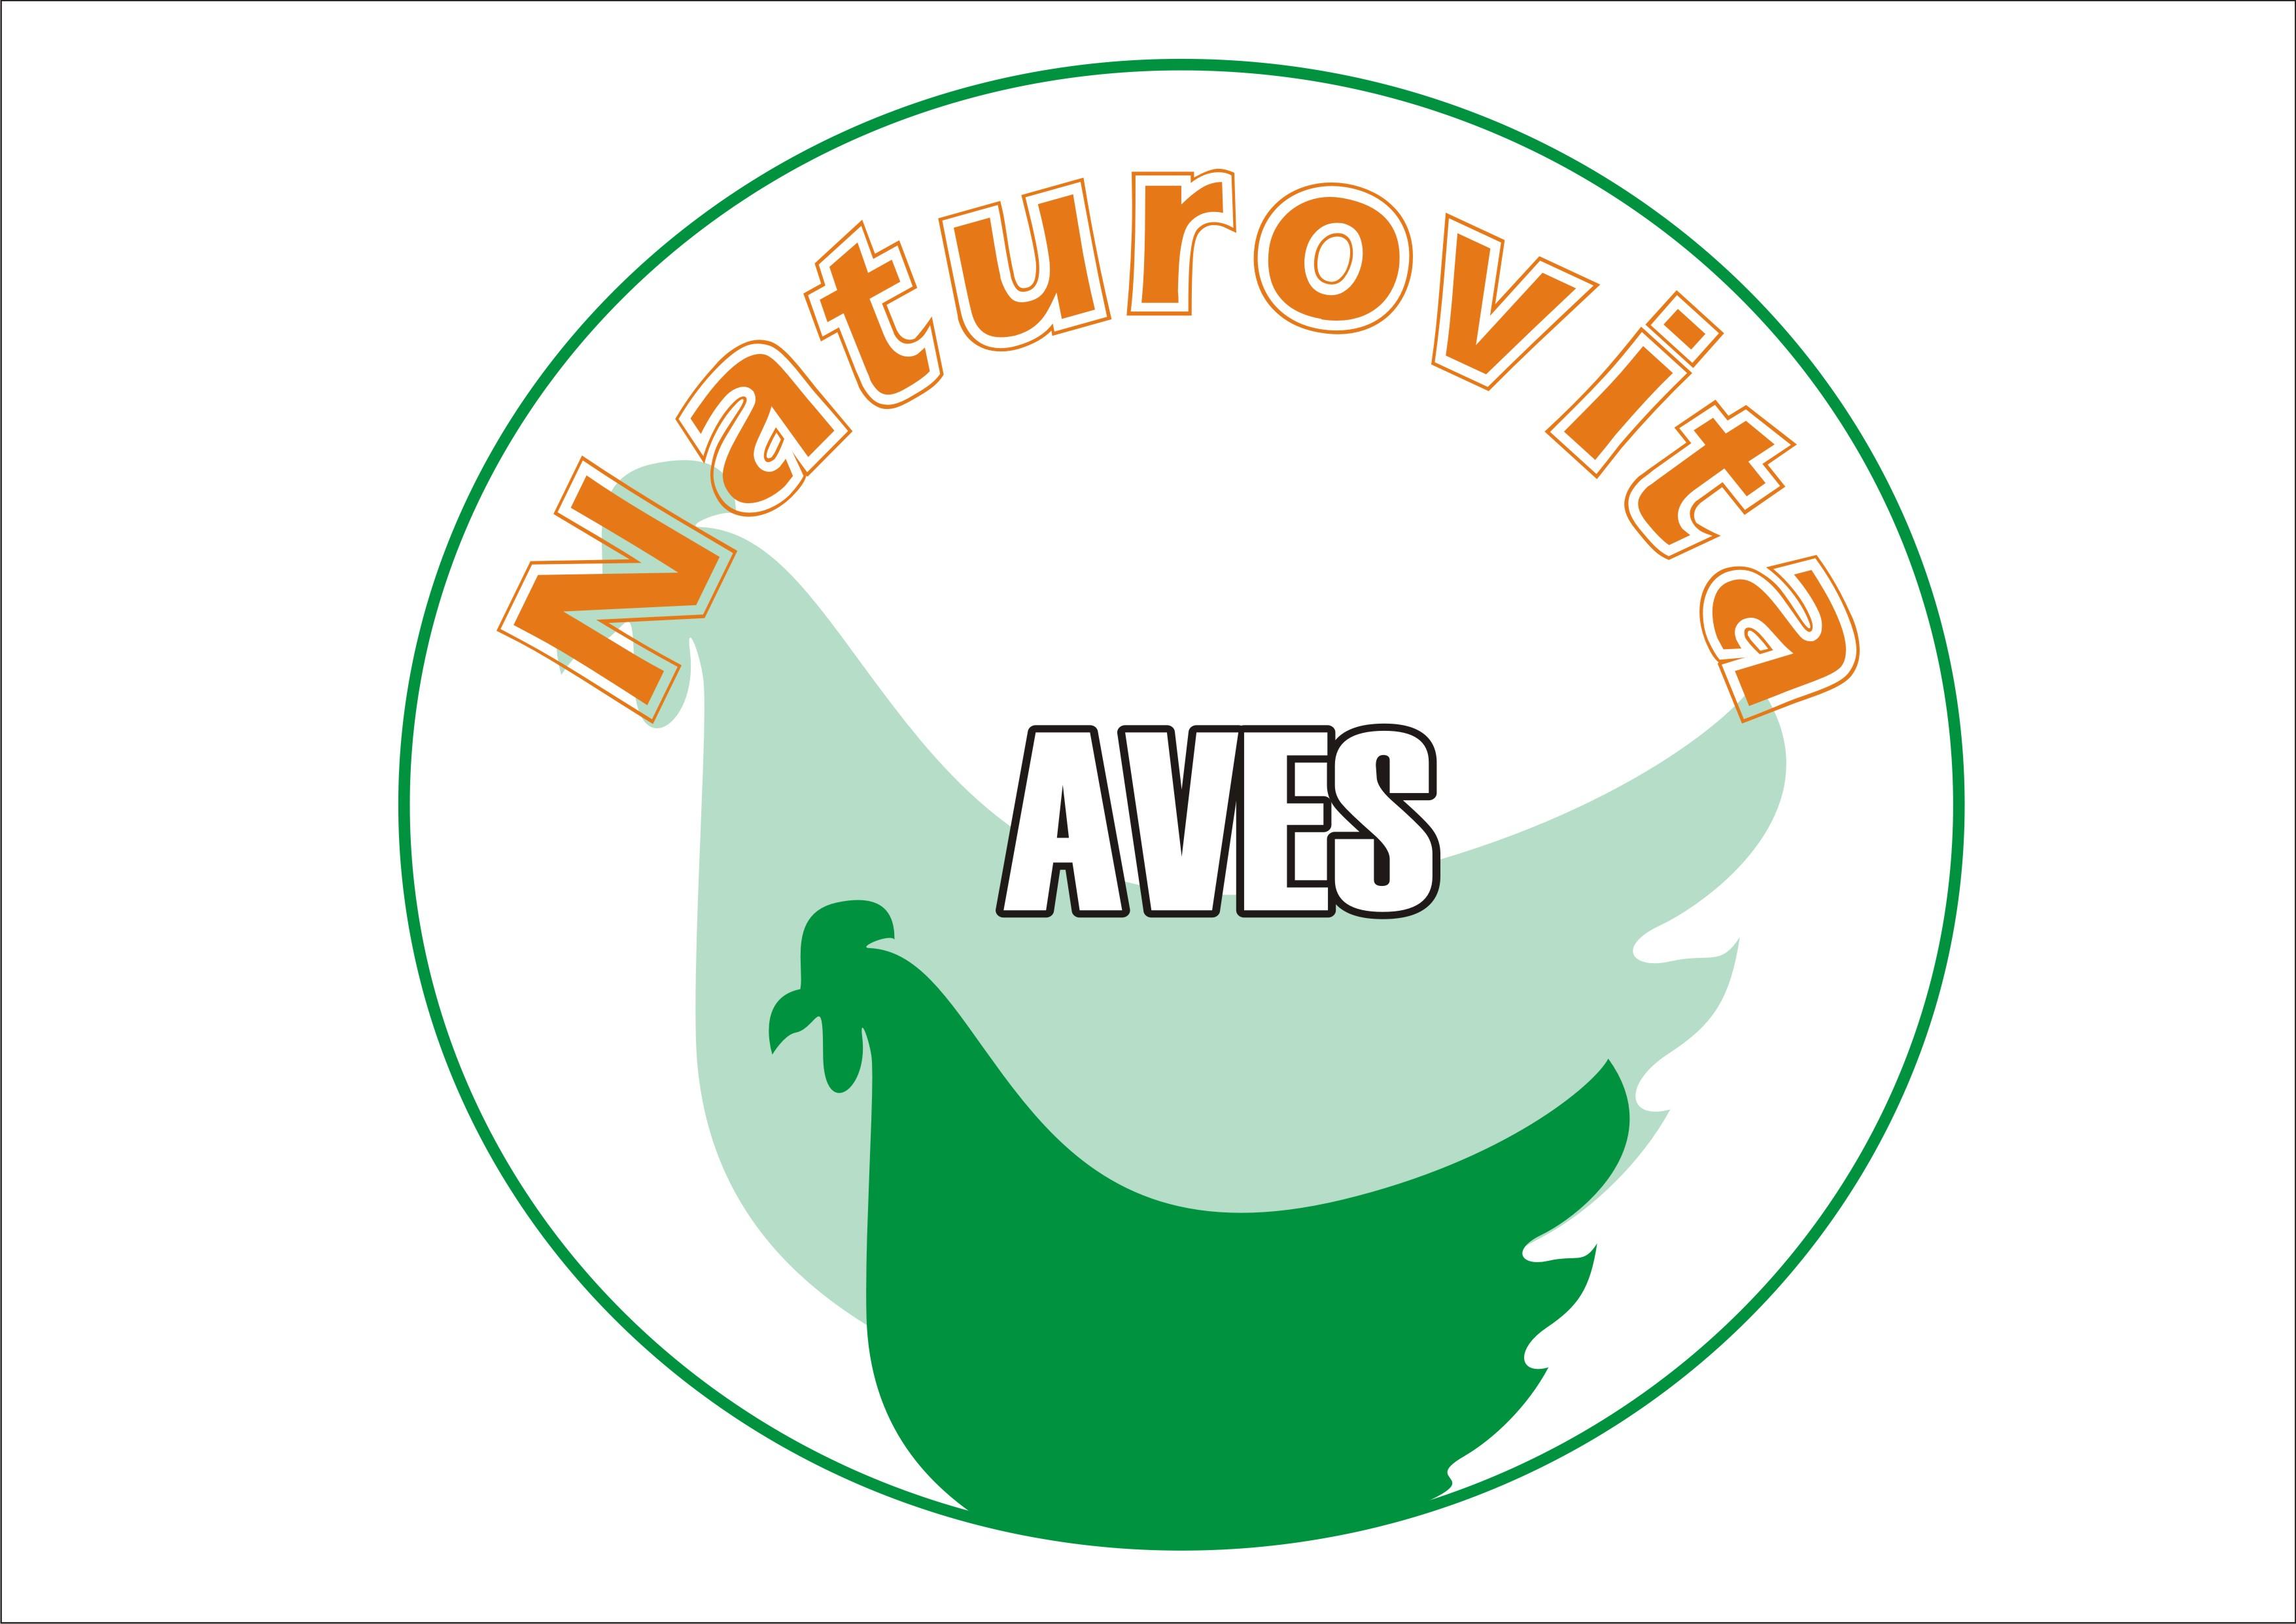 Aves Naturovita